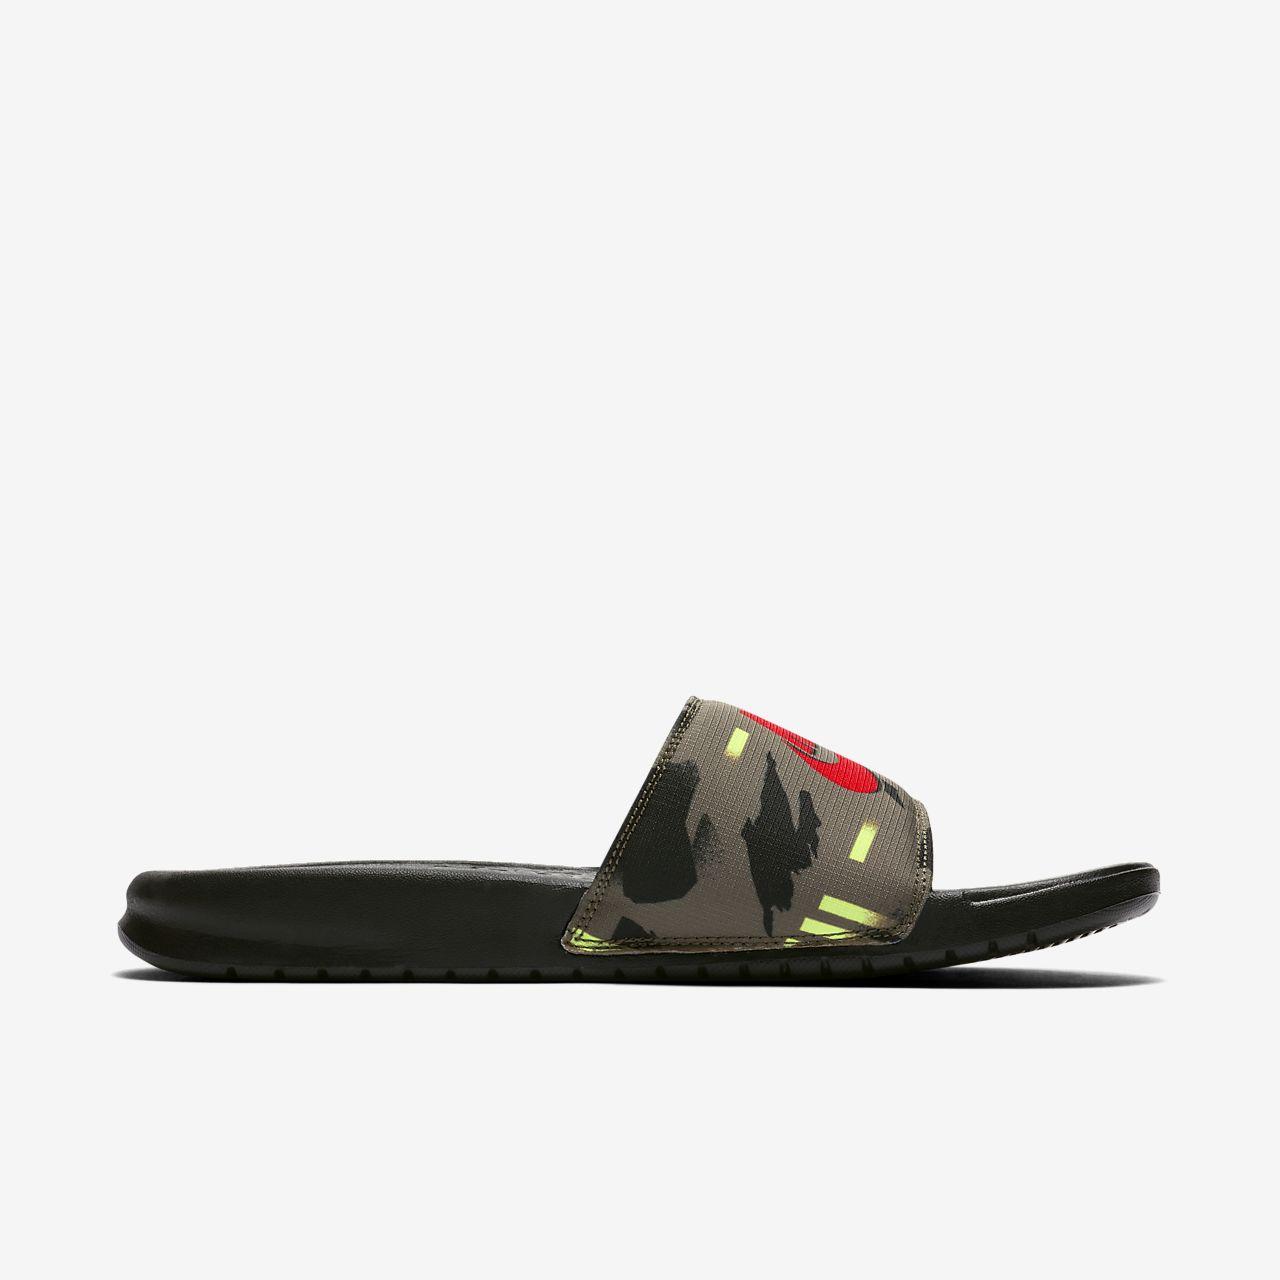 4e4a9d7b23 Low Resolution Sandalia para hombre Nike Benassi Sandalia para hombre Nike  Benassi